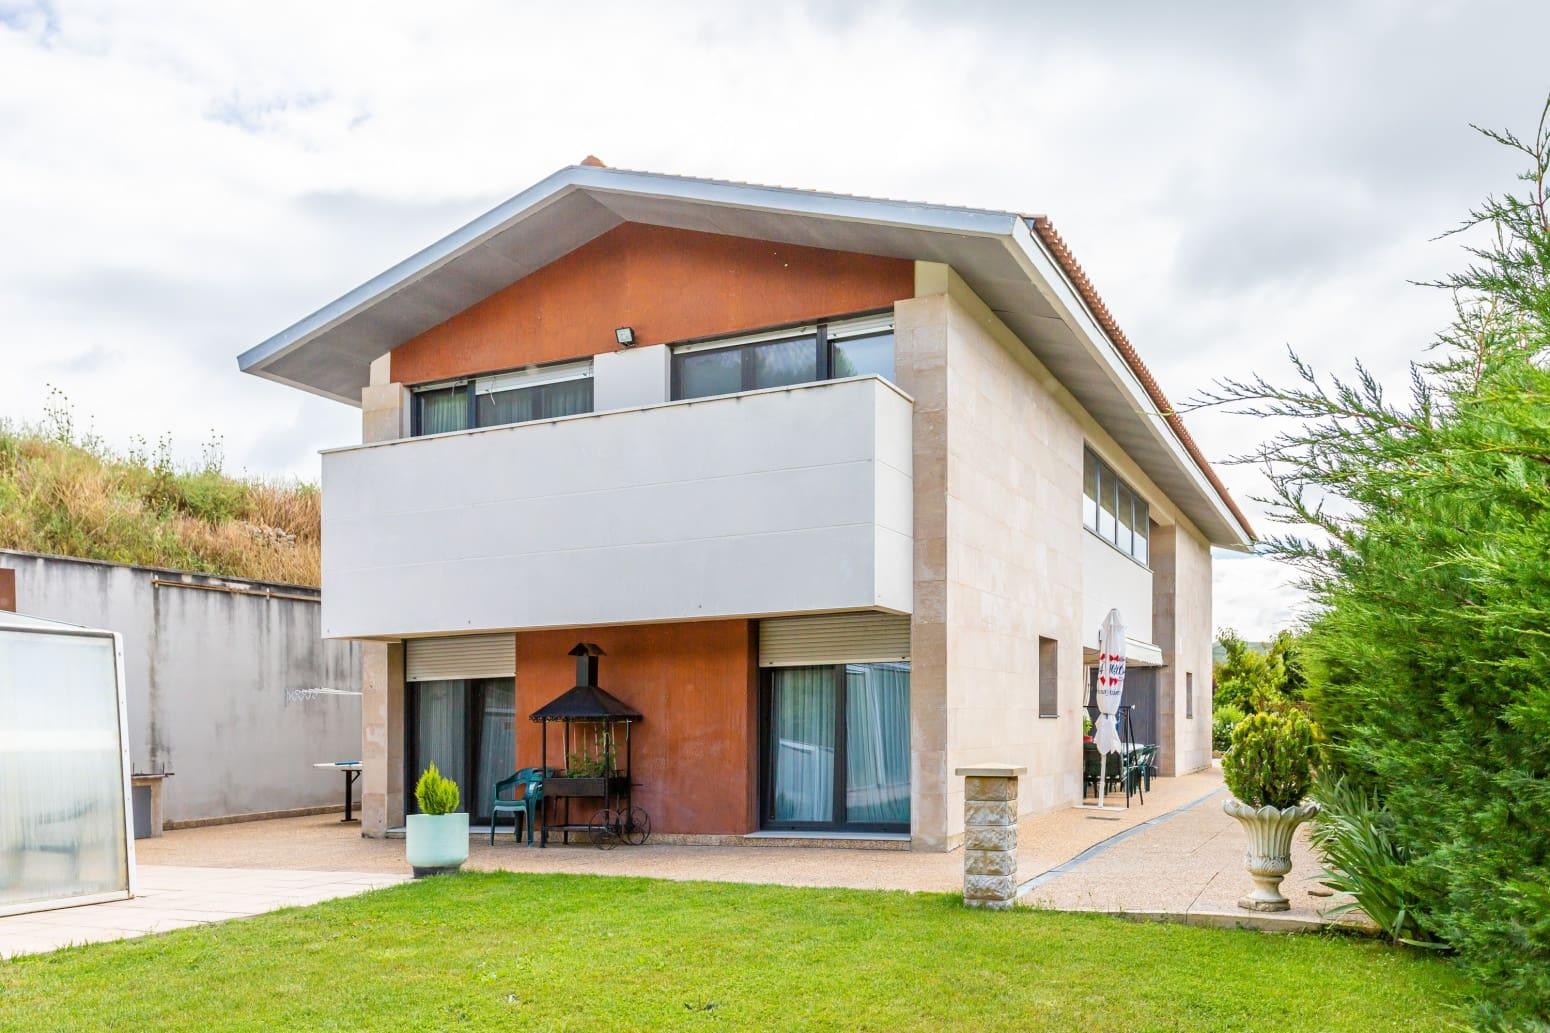 6 Zimmer Reihenhaus zu verkaufen in San Martin de Unx mit Pool Garage - 360.000 € (Ref: 5353894)